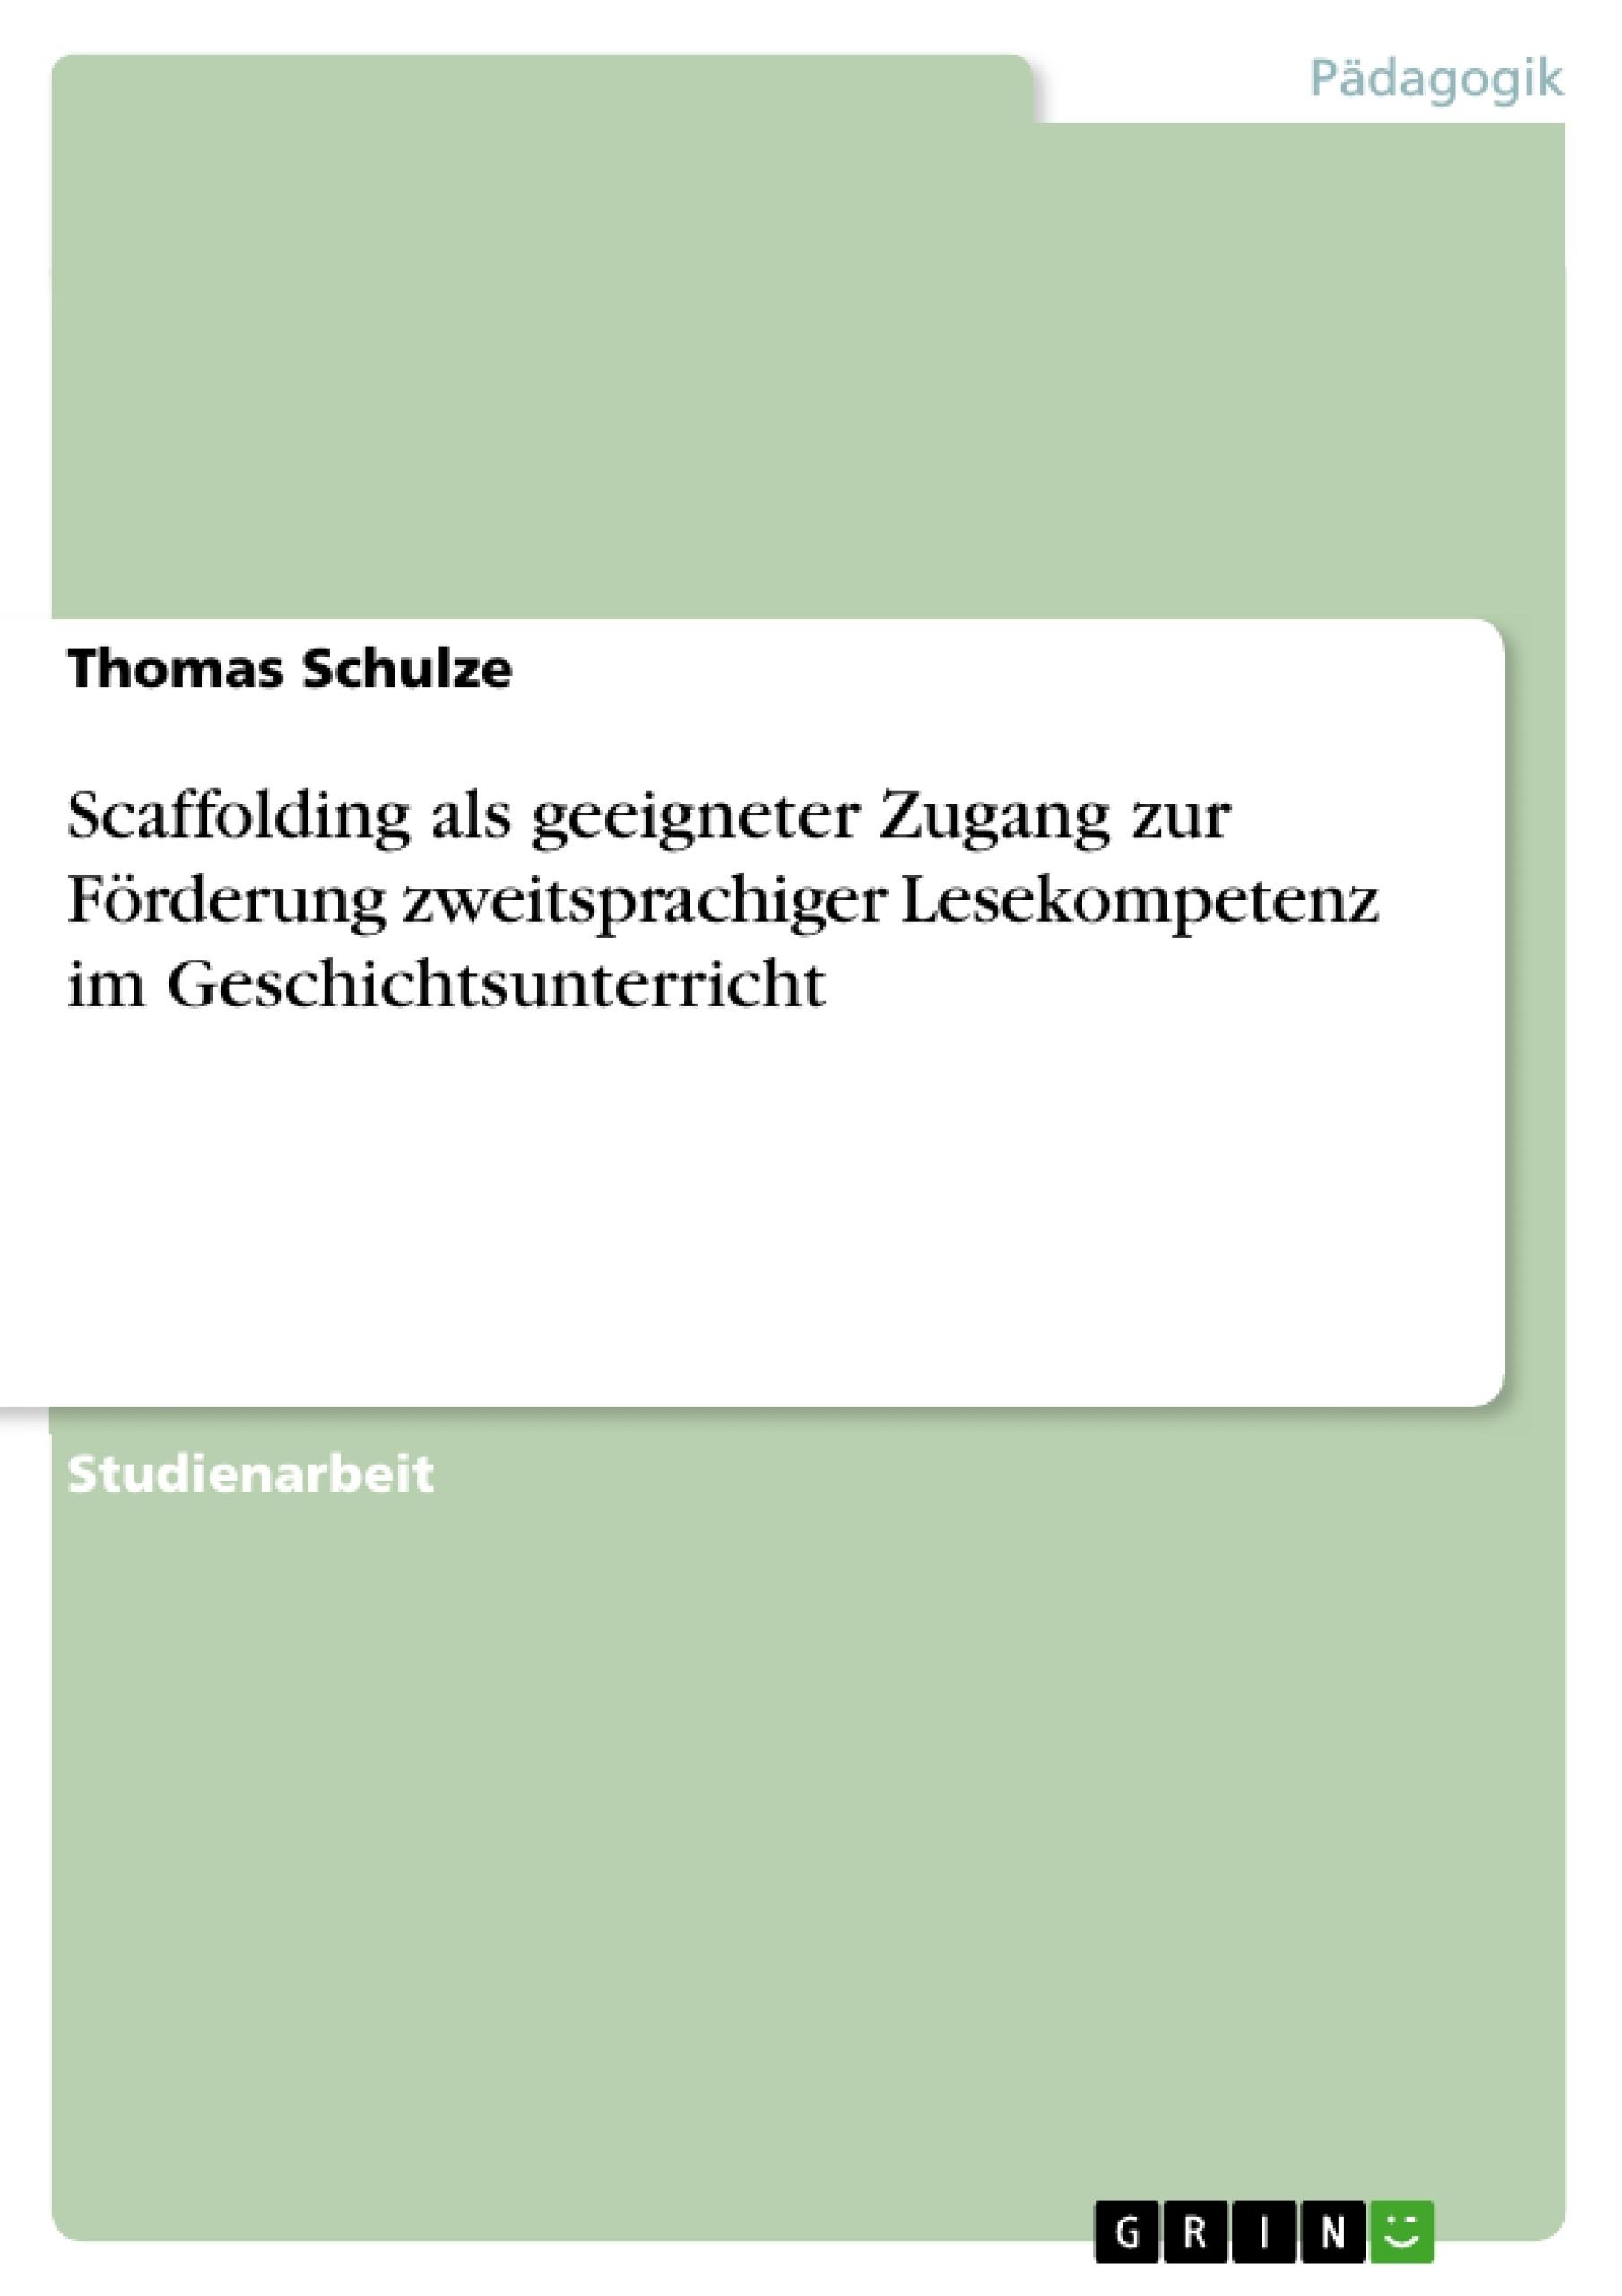 Titel: Scaffolding als geeigneter Zugang zur Förderung zweitsprachiger Lesekompetenz im Geschichtsunterricht